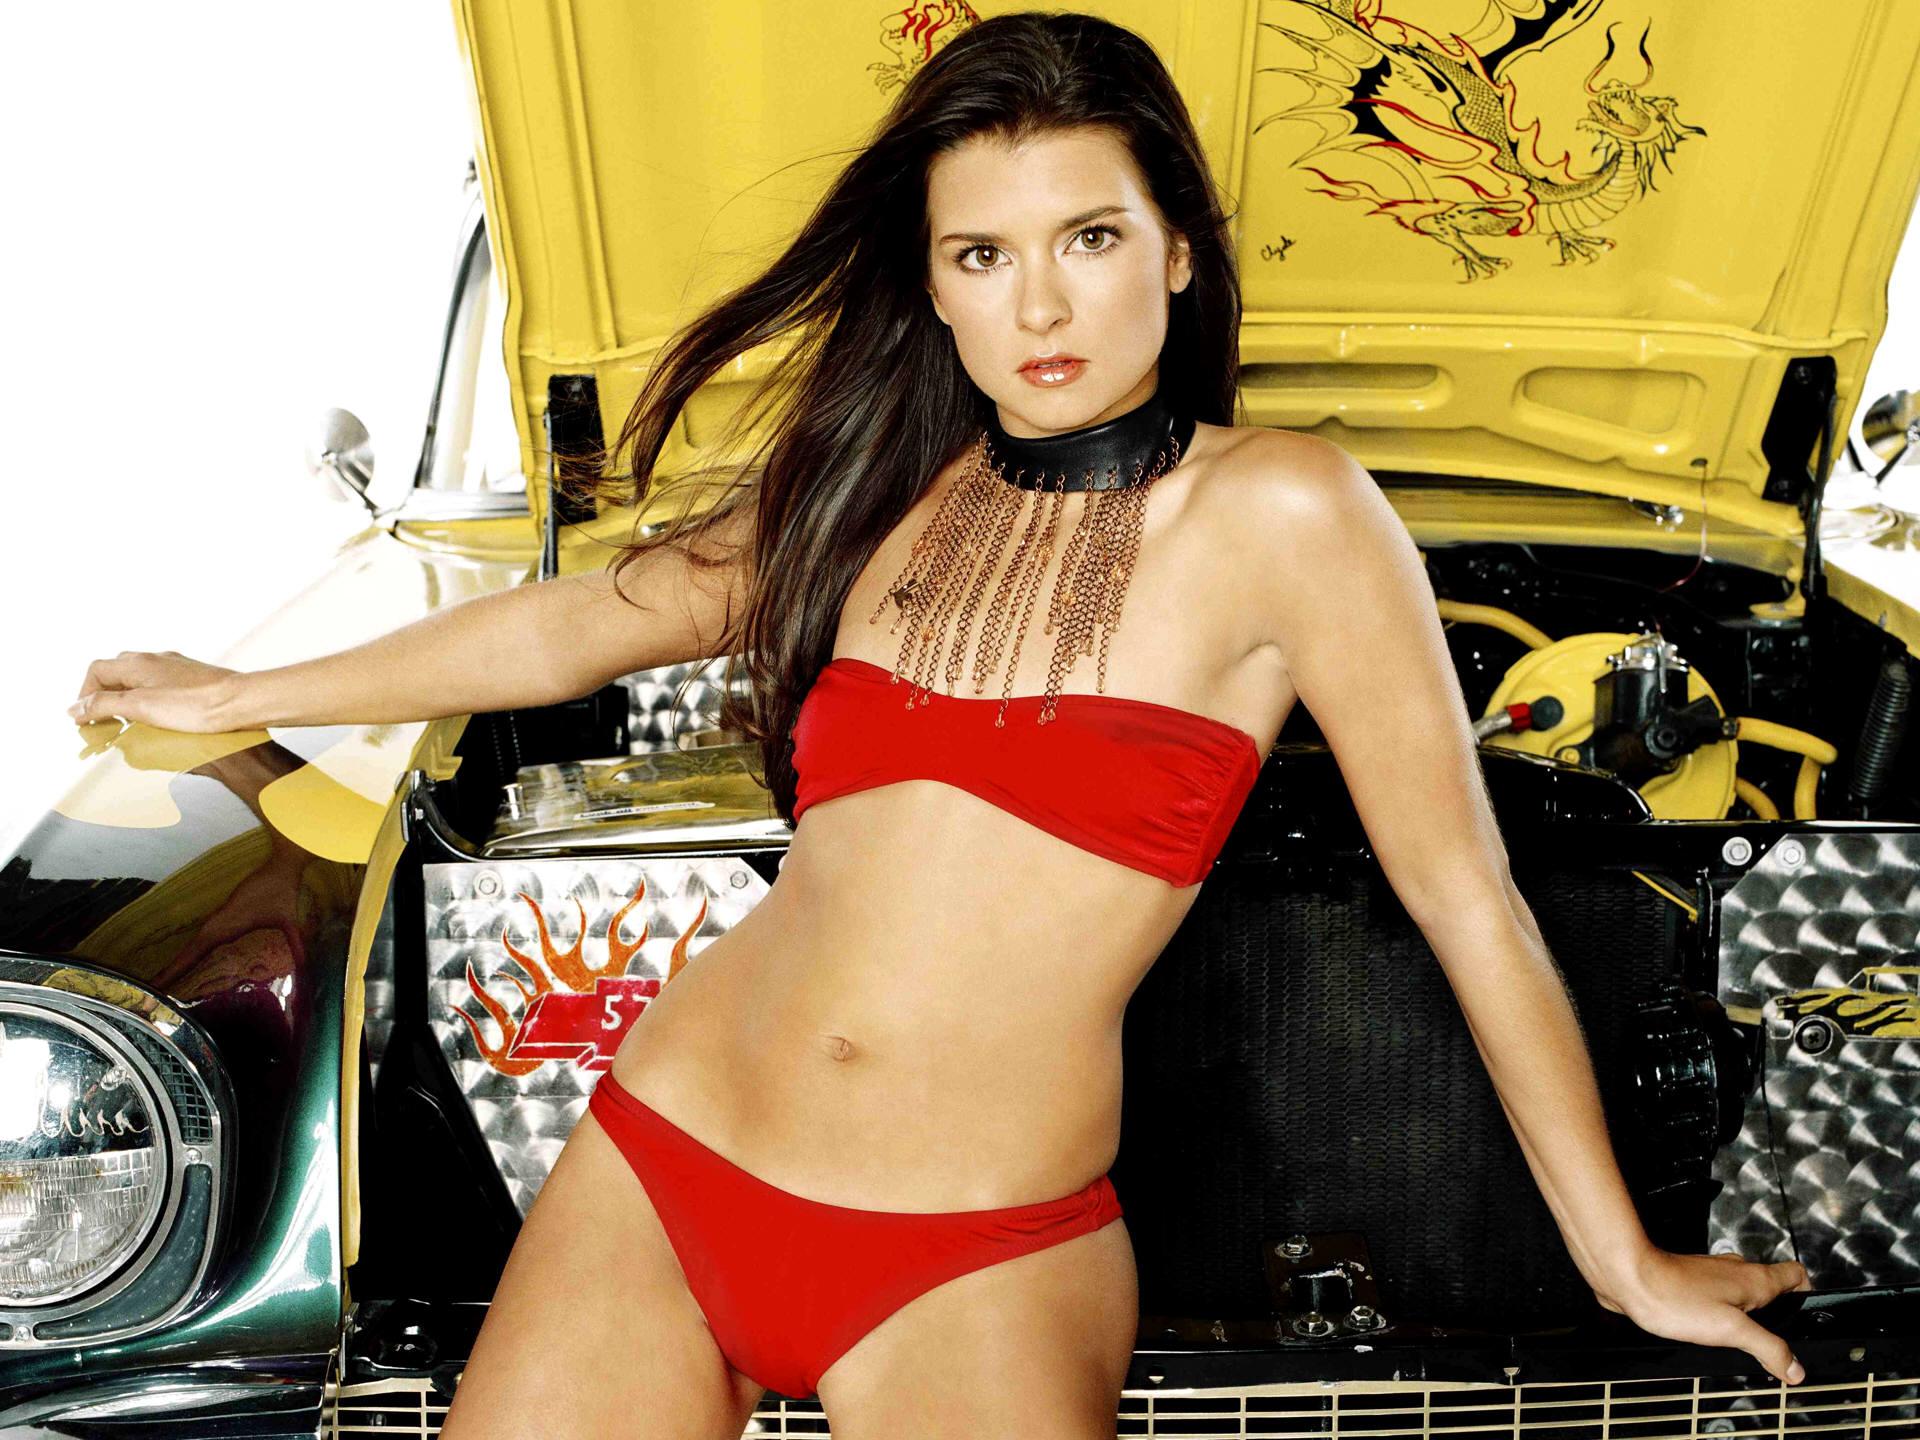 Danica patrick clivage sexy